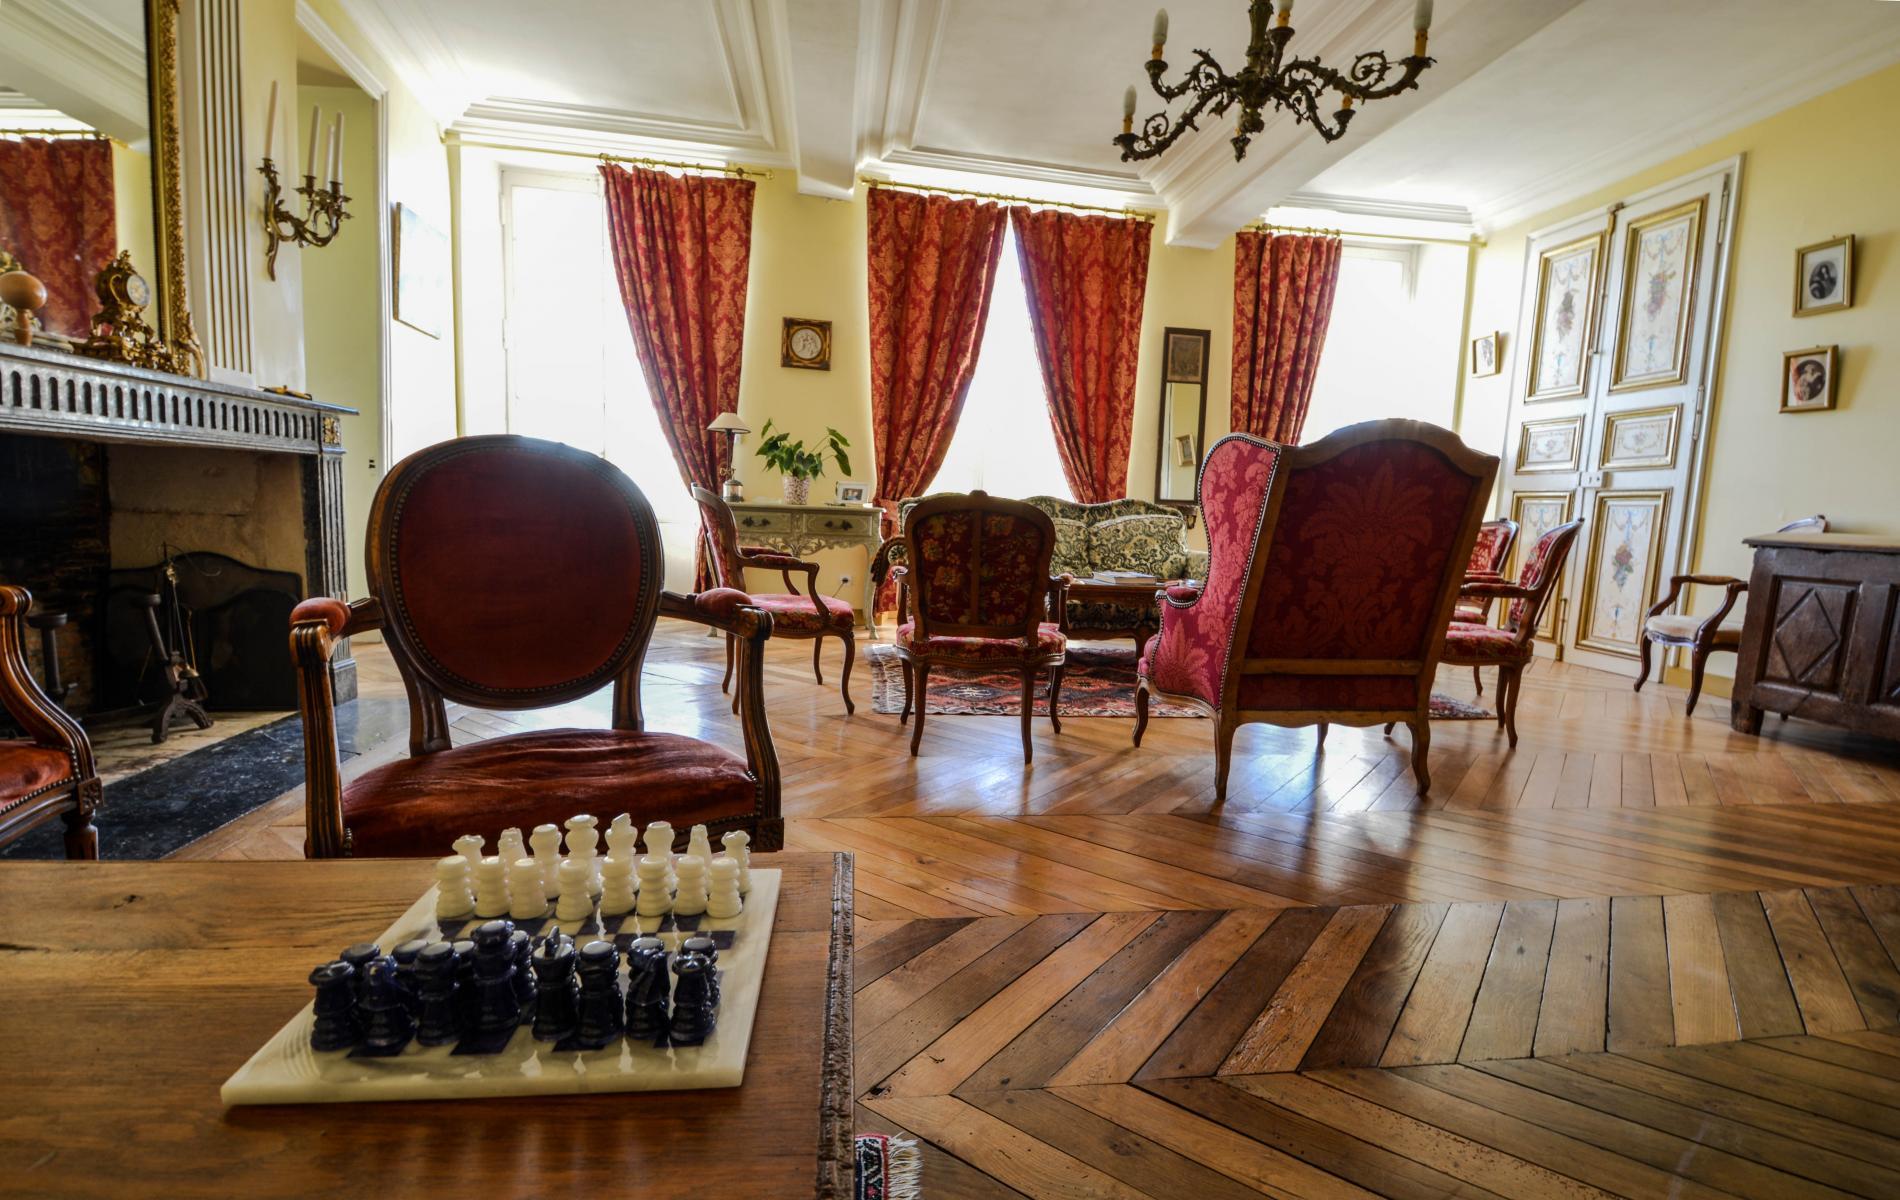 Chambres hotes nomandie chateau normandie chambre d 39 hotes spa et sauna en normandie relais bio - Chambre d hote normandie spa ...